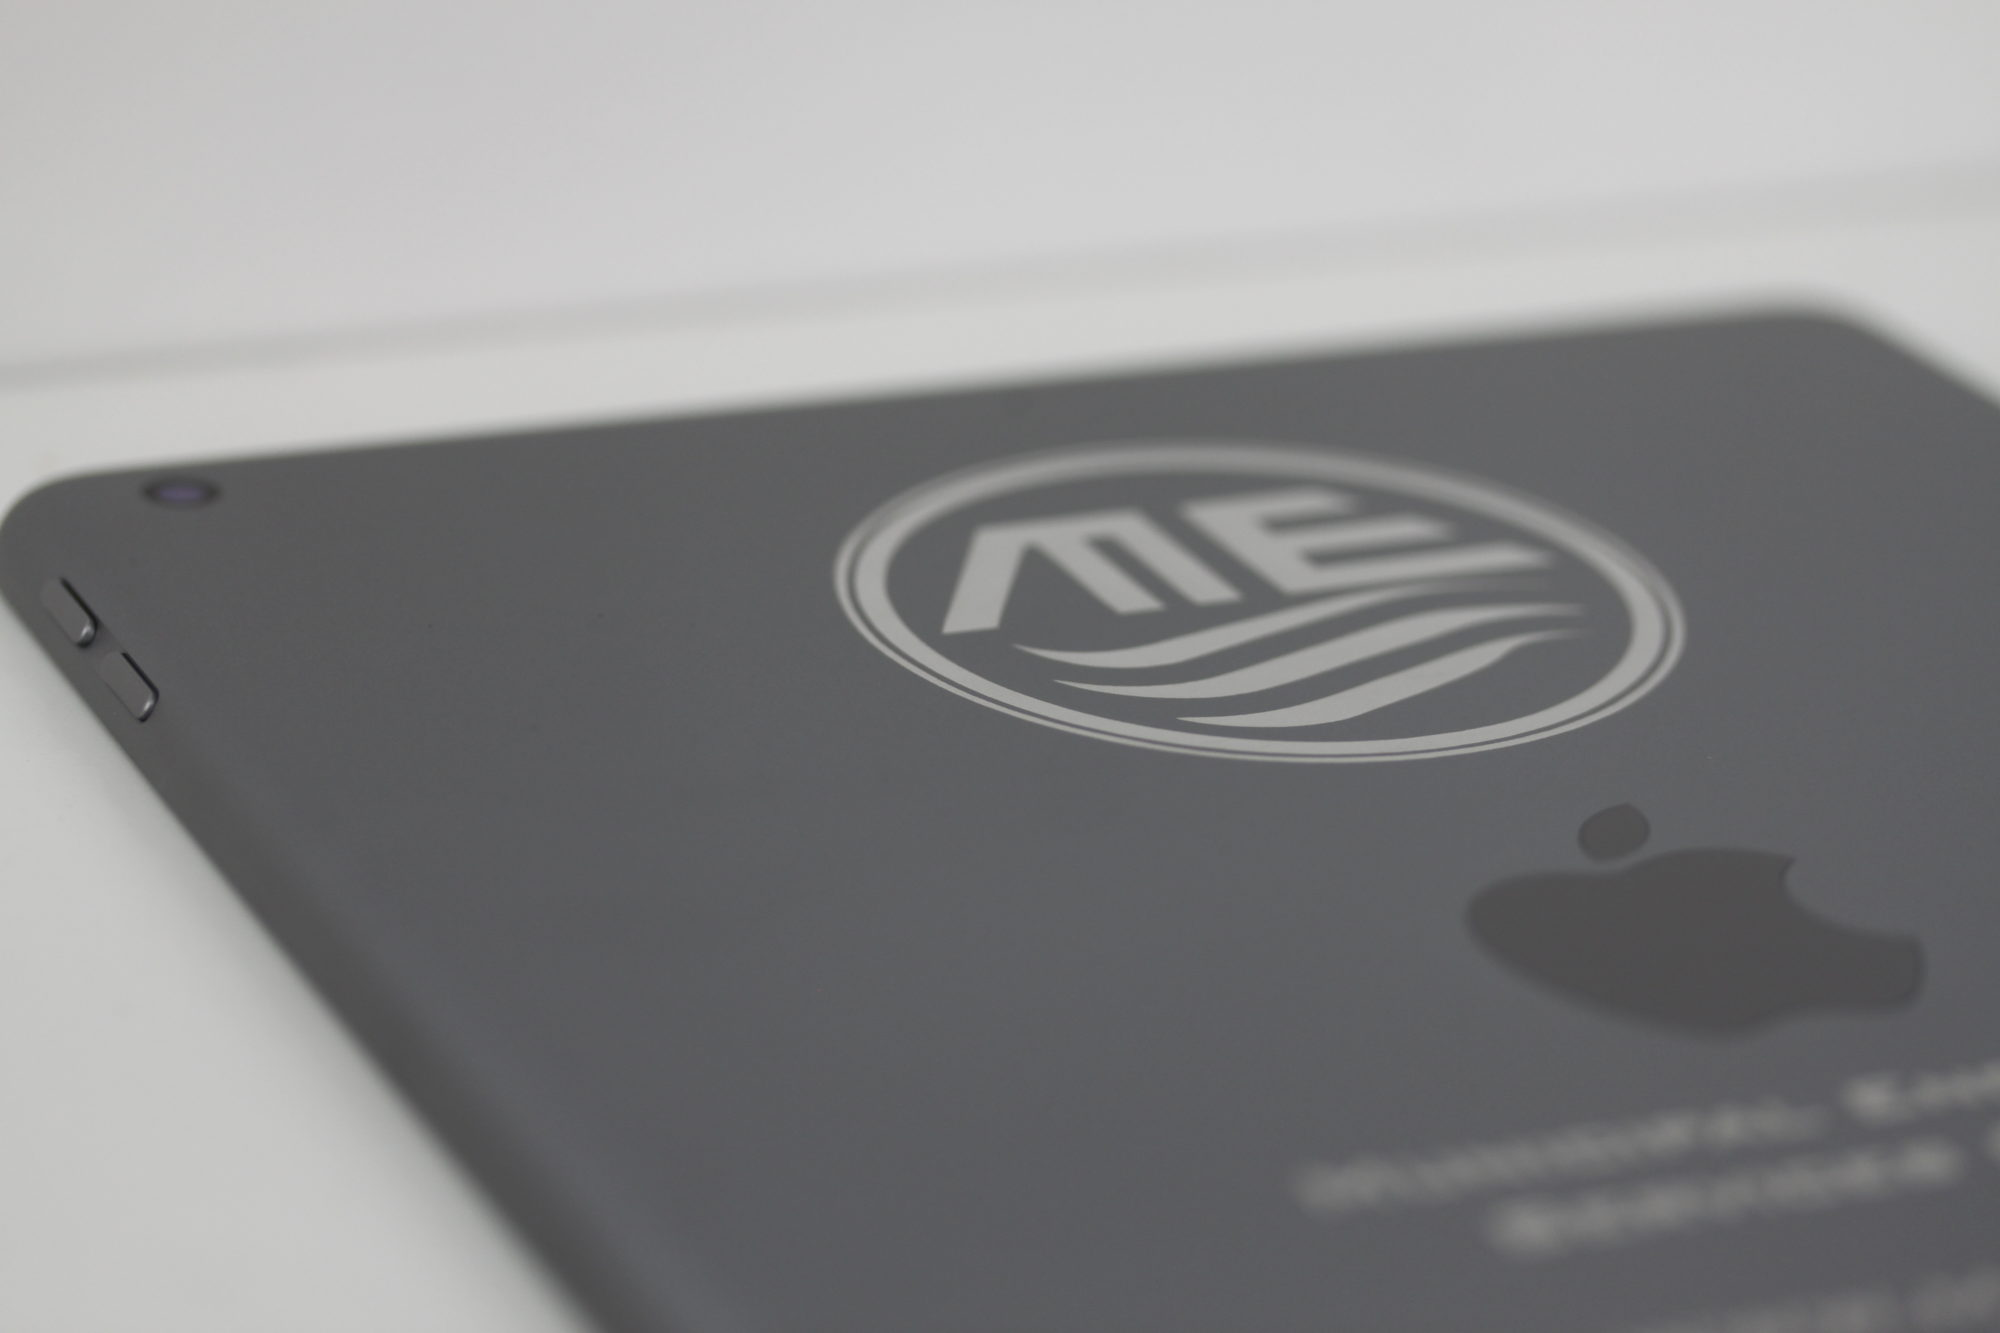 Logo on iP